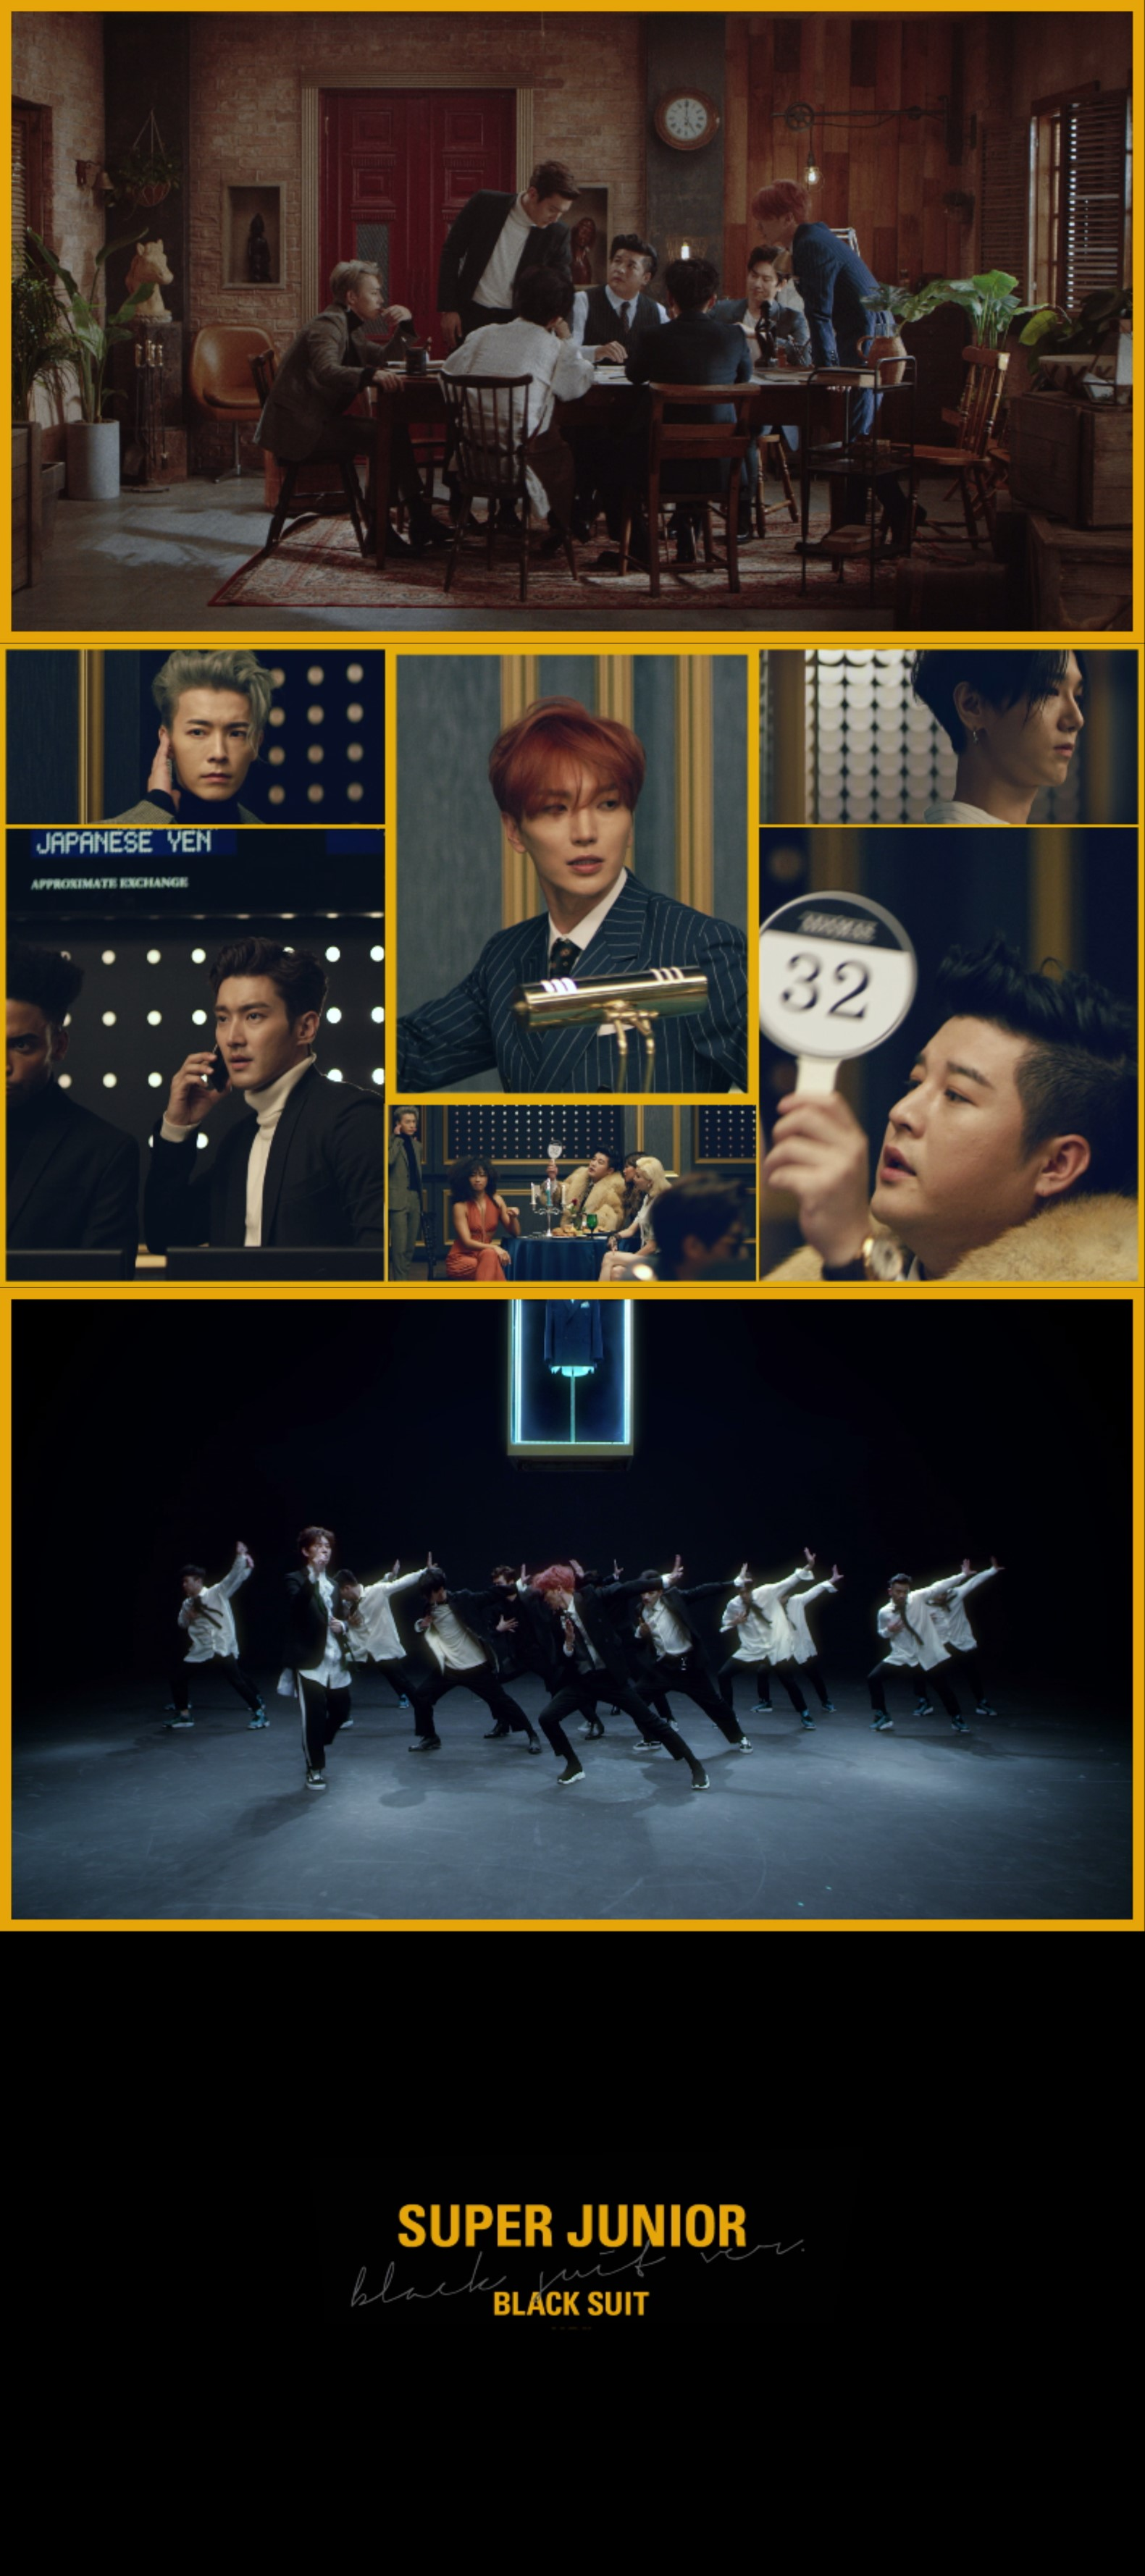 '亚洲传奇'Super Junior 美国billboard关注新歌《Black Suit》